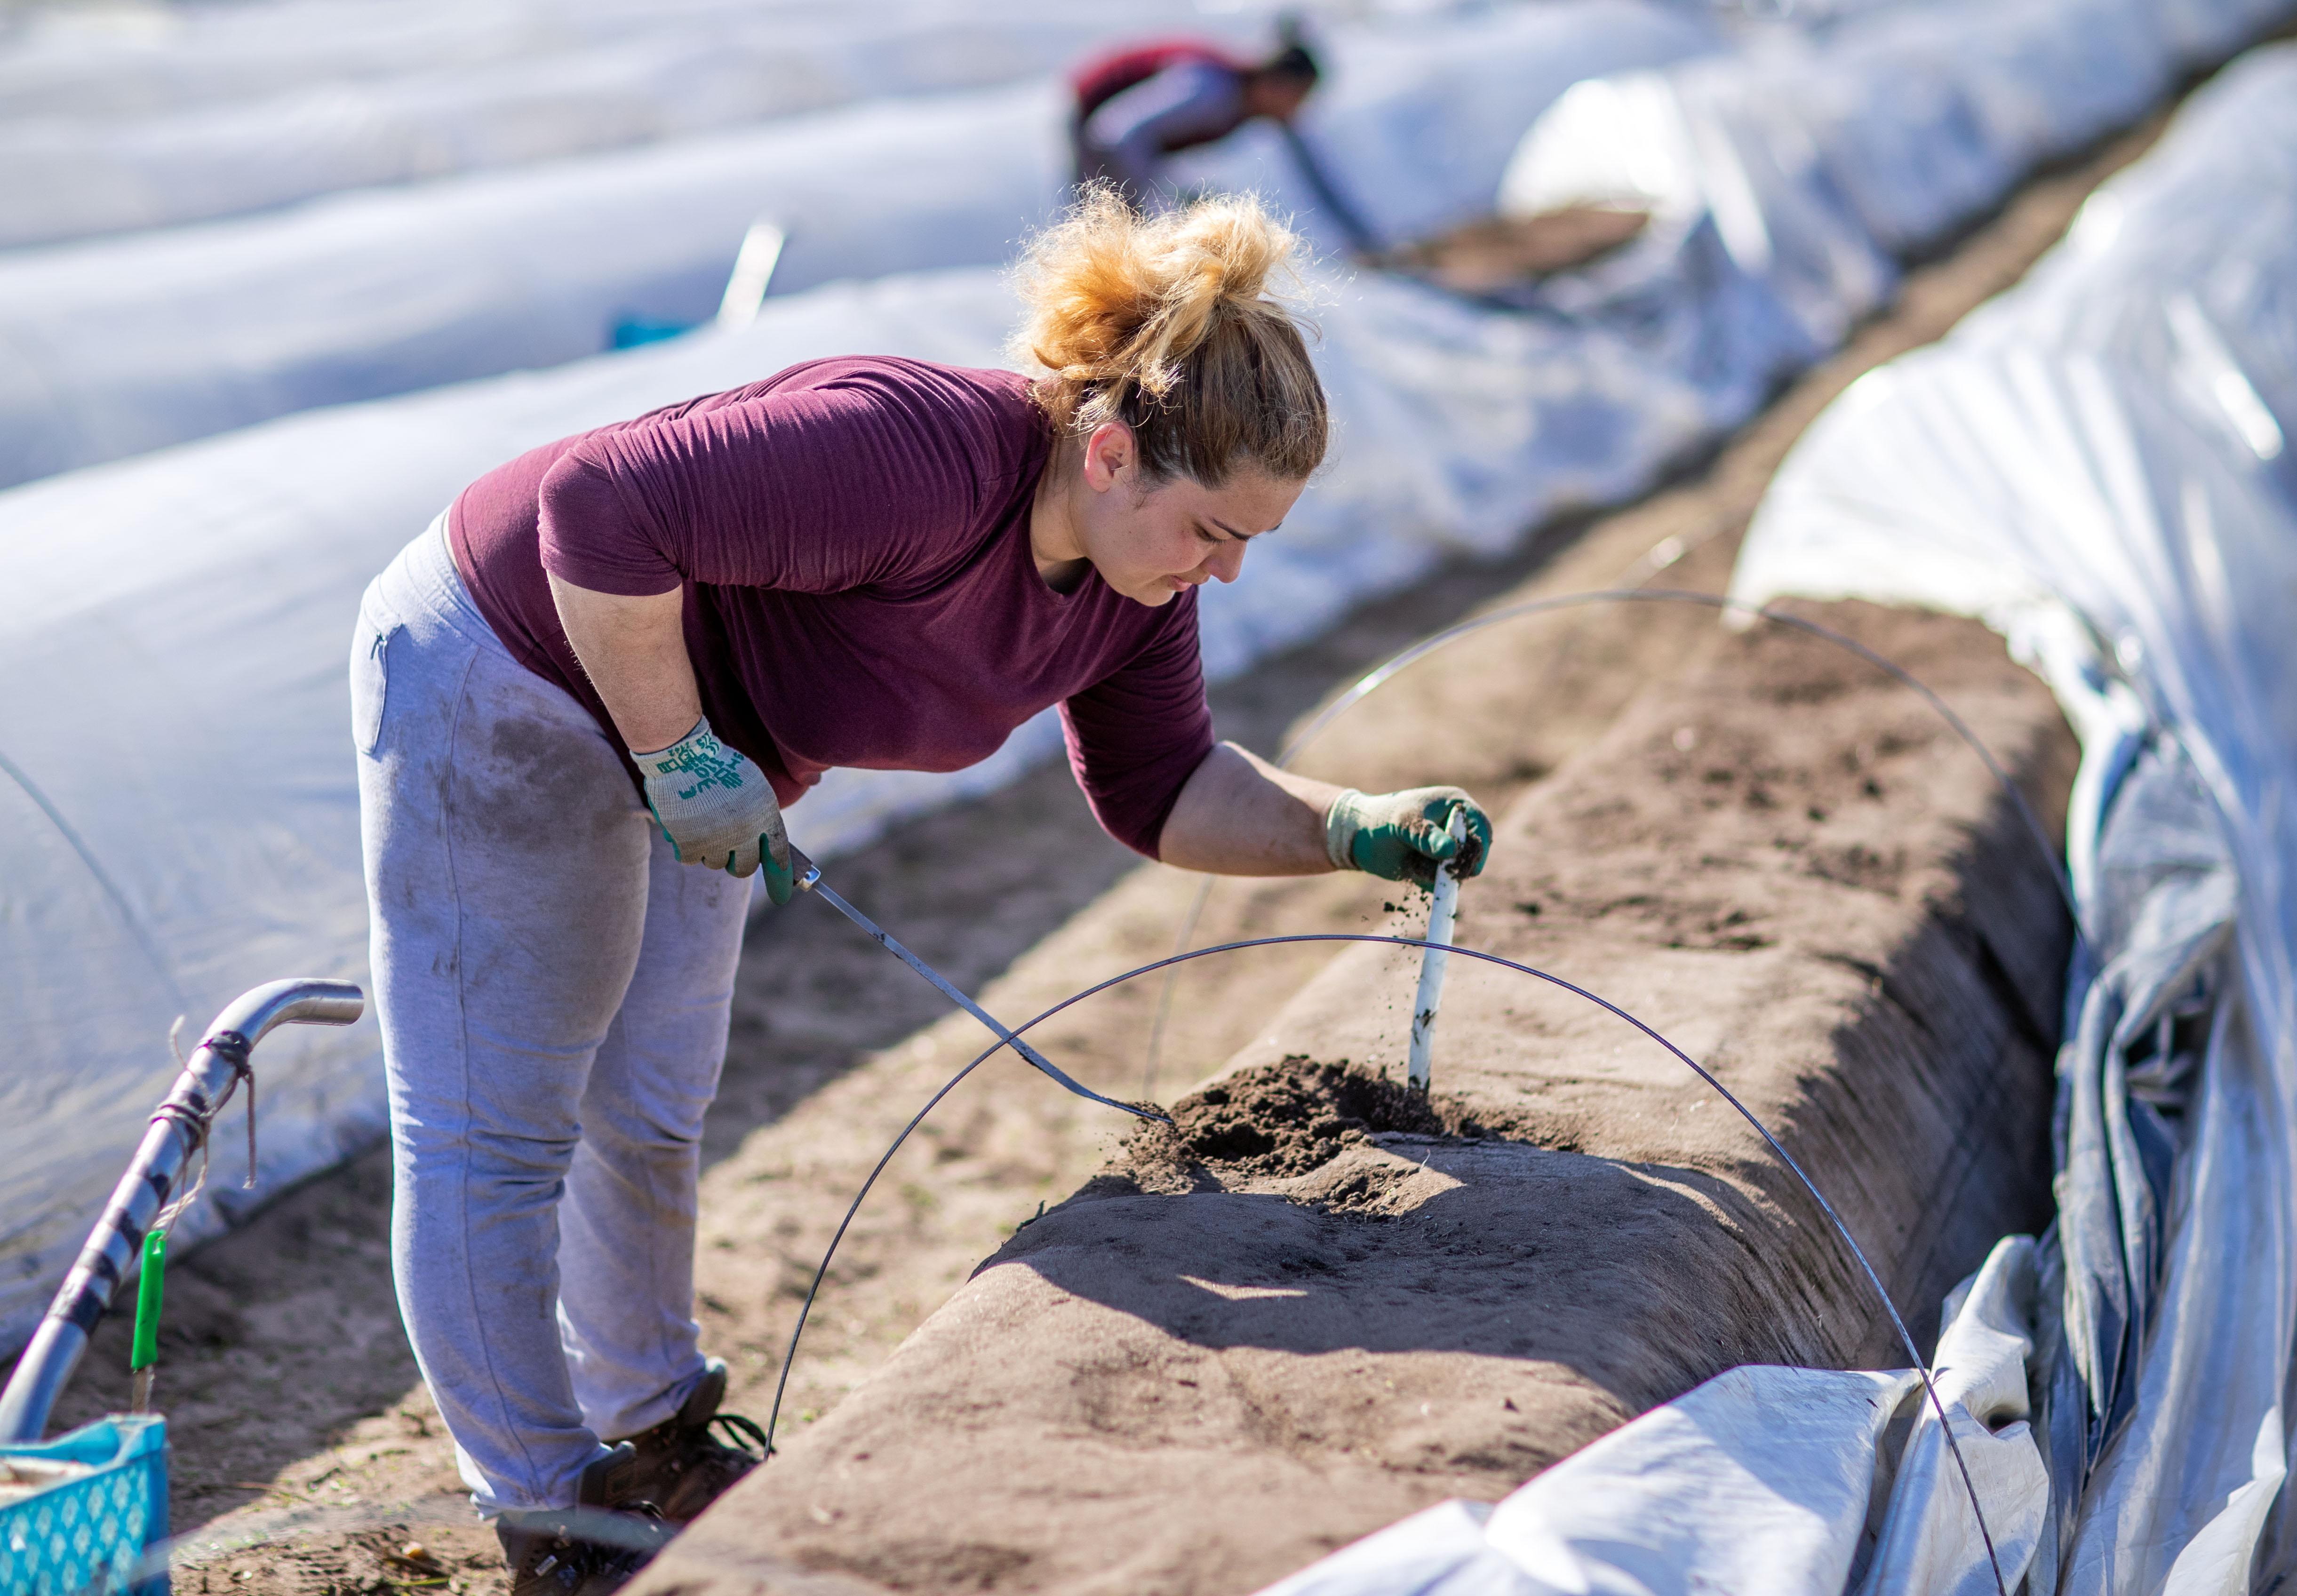 Csokinyúllal és minimálbérrel várja Nyugat-Európa a kiszolgáltatott kelet-európai vendégmunkásokat